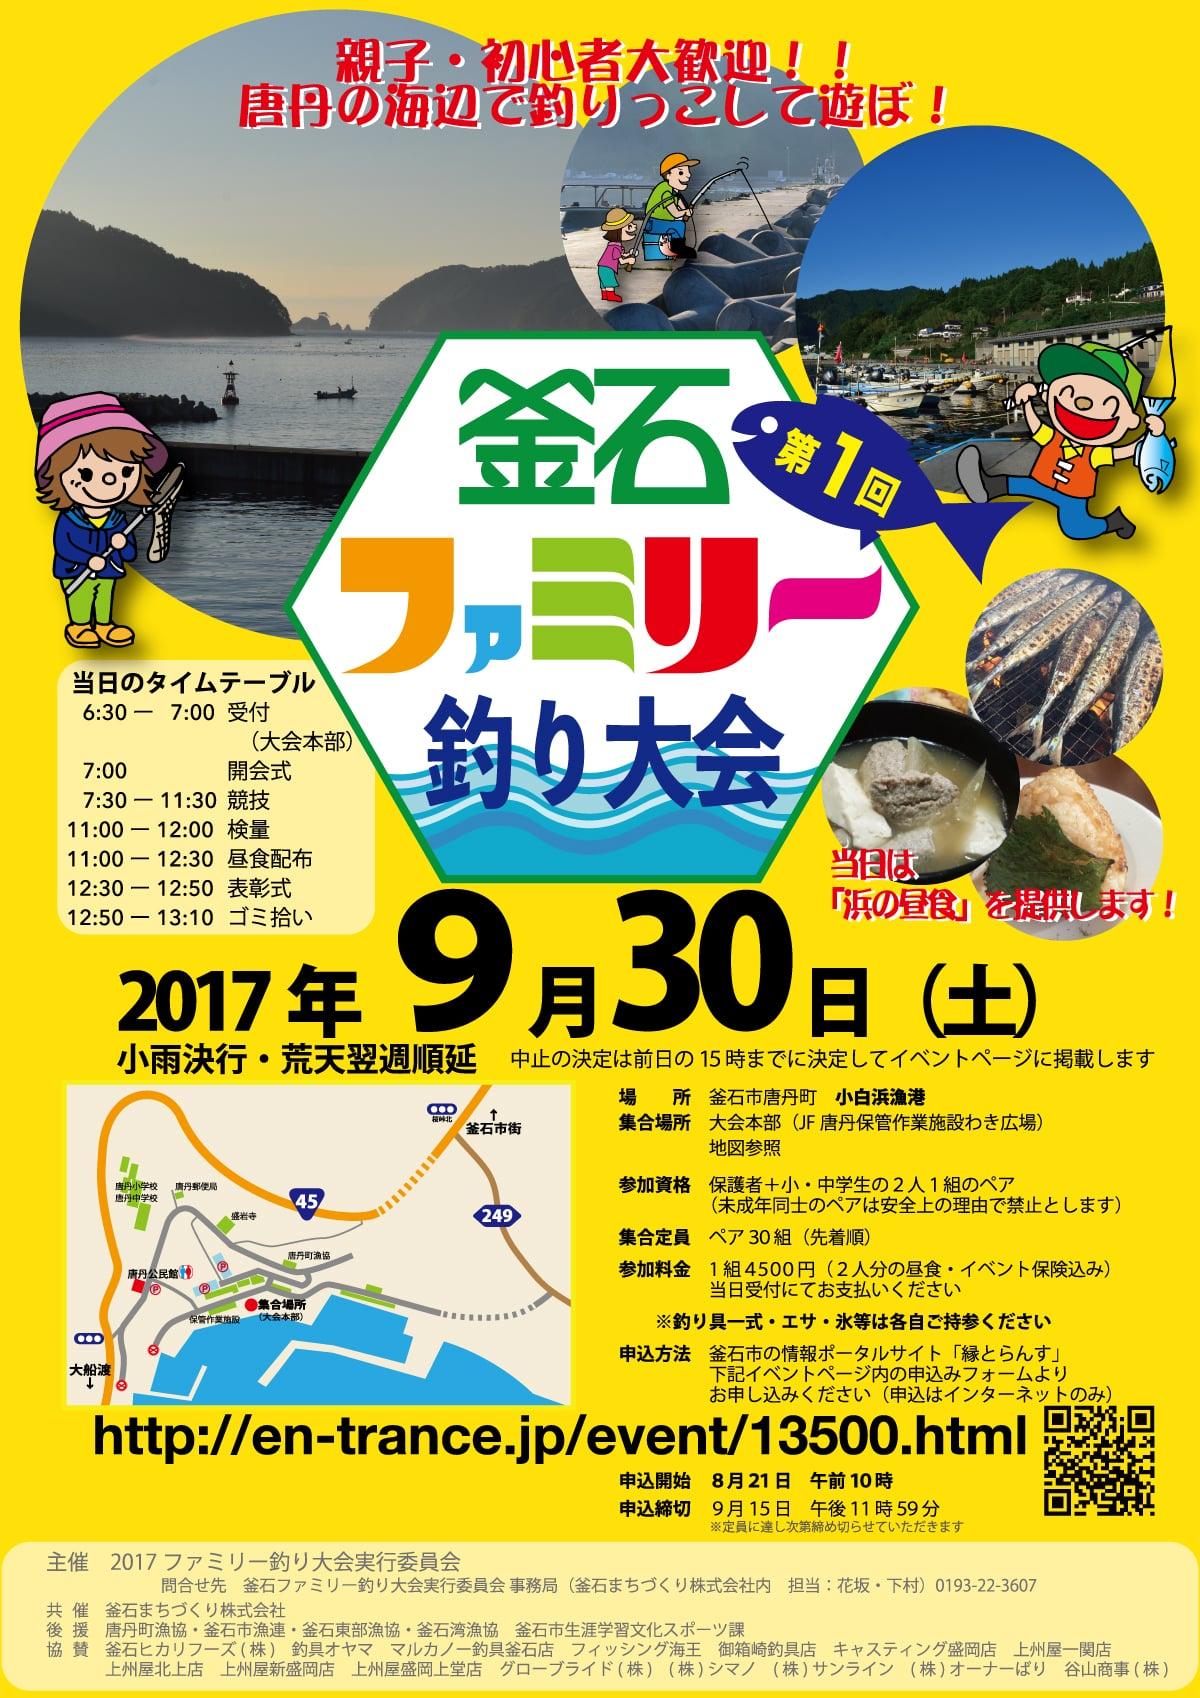 第1回 釜石ファミリー釣り大会